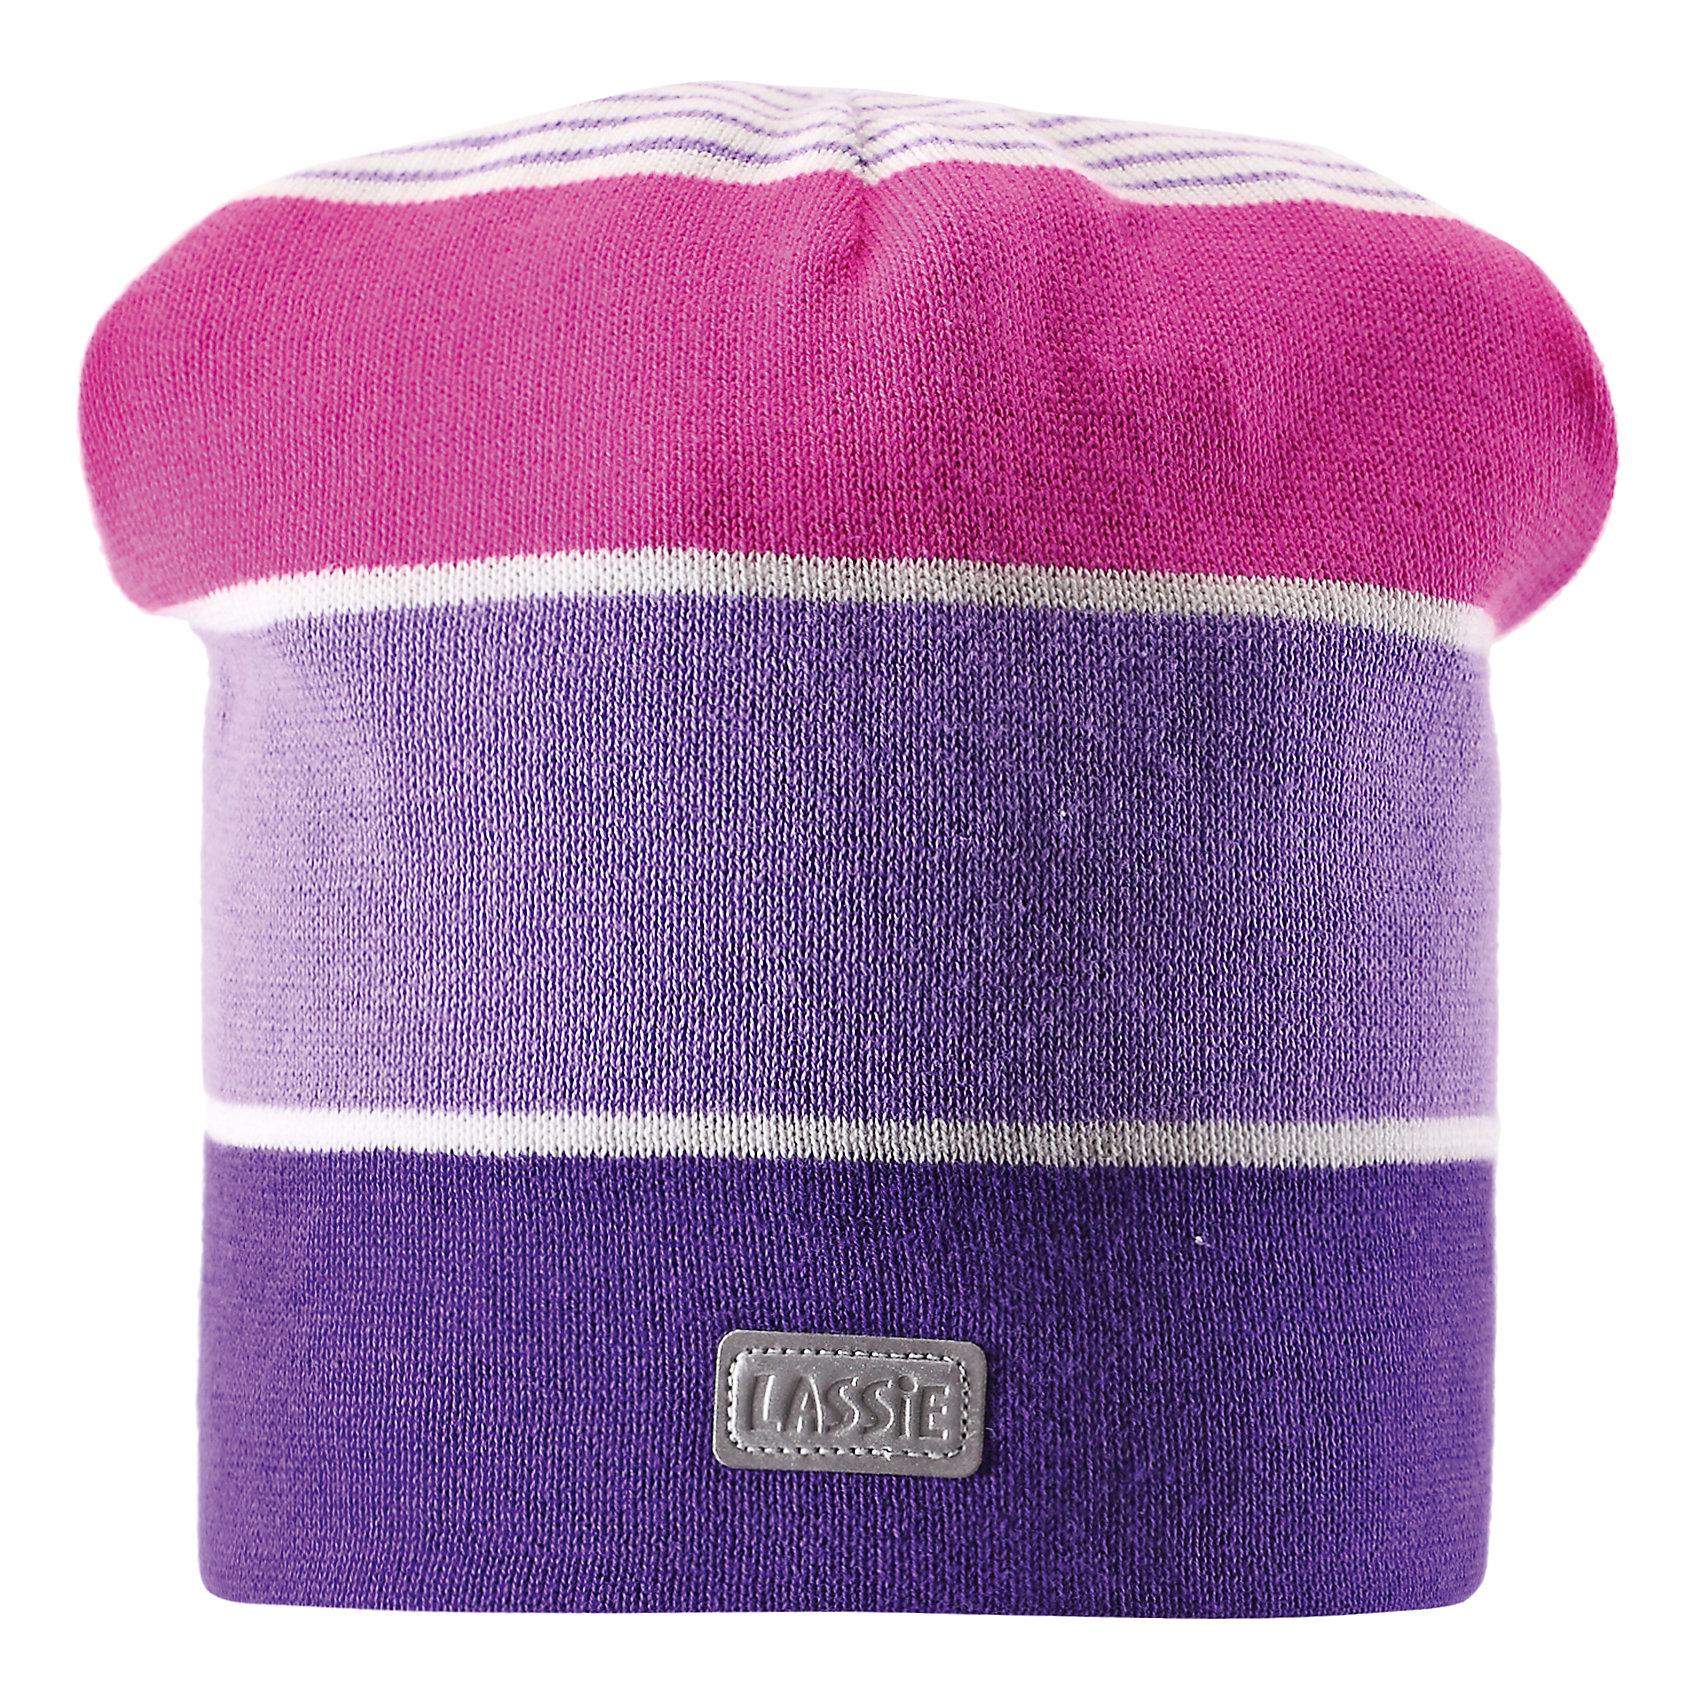 Шапка для девочки LASSIEШапки и шарфы<br>Шапка для девочки от известной компании LASSIE<br><br>Модная теплая шапка - отличная вещь для прогулок и активного отдыха. Она стильно смотрится и хорошо сидит.<br><br>Яркая расцветка оживляет дизайн изделия - такую вещь дети будут носить с удовольствием!<br><br>Особенности модели:<br><br>- цвет: сиреневый;<br>- декорирована светоотражающей нашивкой;<br>- приятный материал;<br>- натуральный хлопок;<br>- стильный дизайн;<br>- ветронепроницаемые вставки для защиты ушей;<br>- глубокая посадка.<br><br>Дополнительная информация:<br><br>Температурный режим: от -15° до +10° С<br><br>Состав: 100% хлопок<br><br>Шапку для девочки от известной компании LASSIE (Лэсси Рейма) можно купить в нашем магазине.<br><br>Ширина мм: 89<br>Глубина мм: 117<br>Высота мм: 44<br>Вес г: 155<br>Цвет: разноцветный<br>Возраст от месяцев: 12<br>Возраст до месяцев: 24<br>Пол: Женский<br>Возраст: Детский<br>Размер: 54-56,46-48,50-52<br>SKU: 4555398